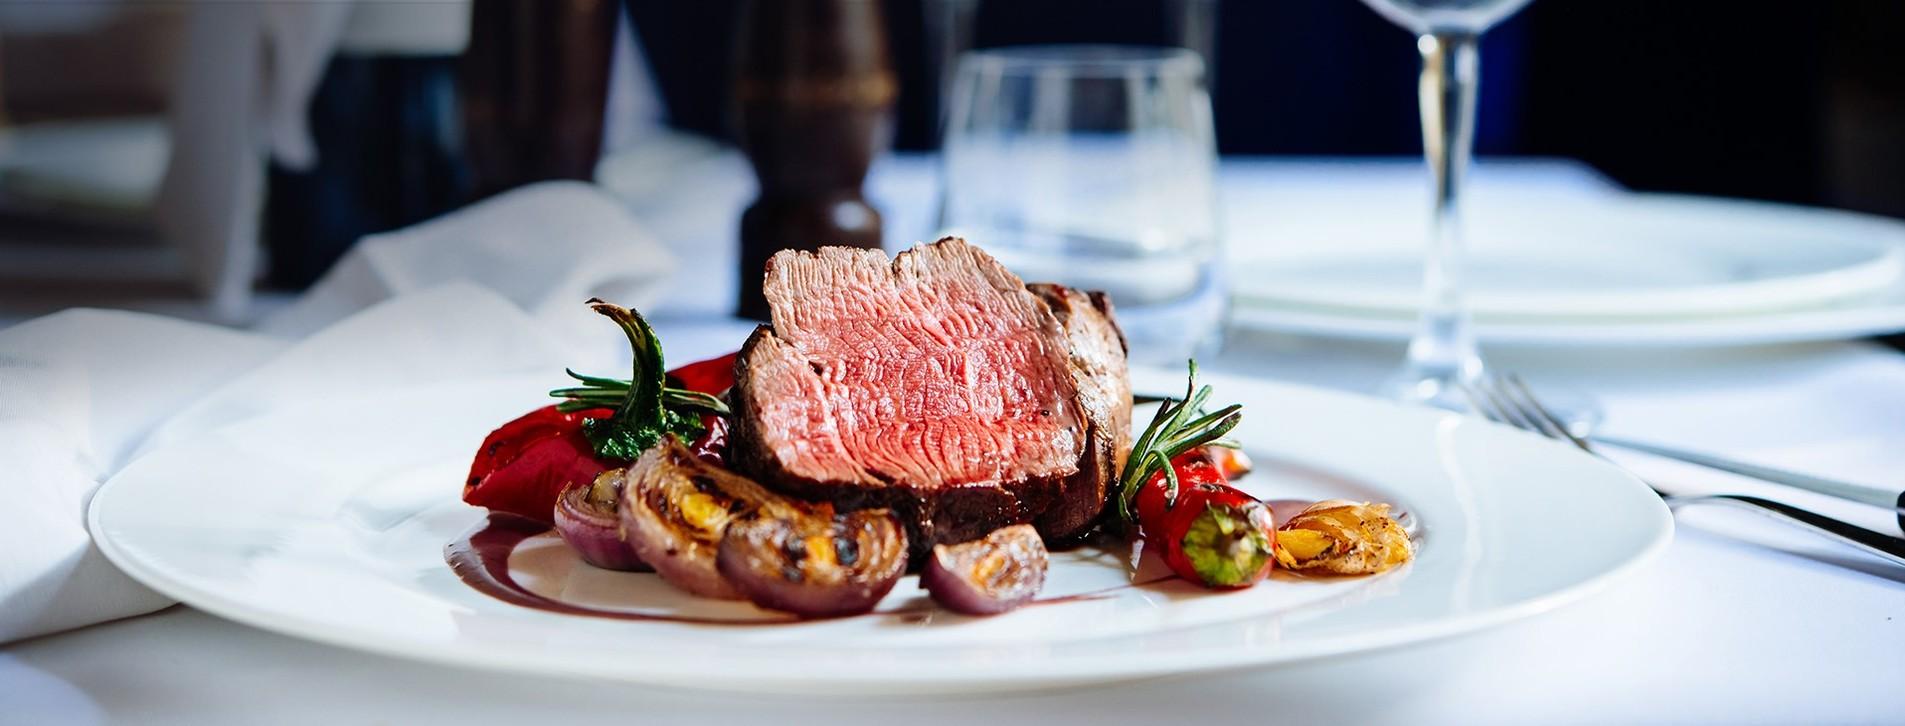 Фото 1 - Ужин в ресторане «Найдорожча ресторація Галичини»